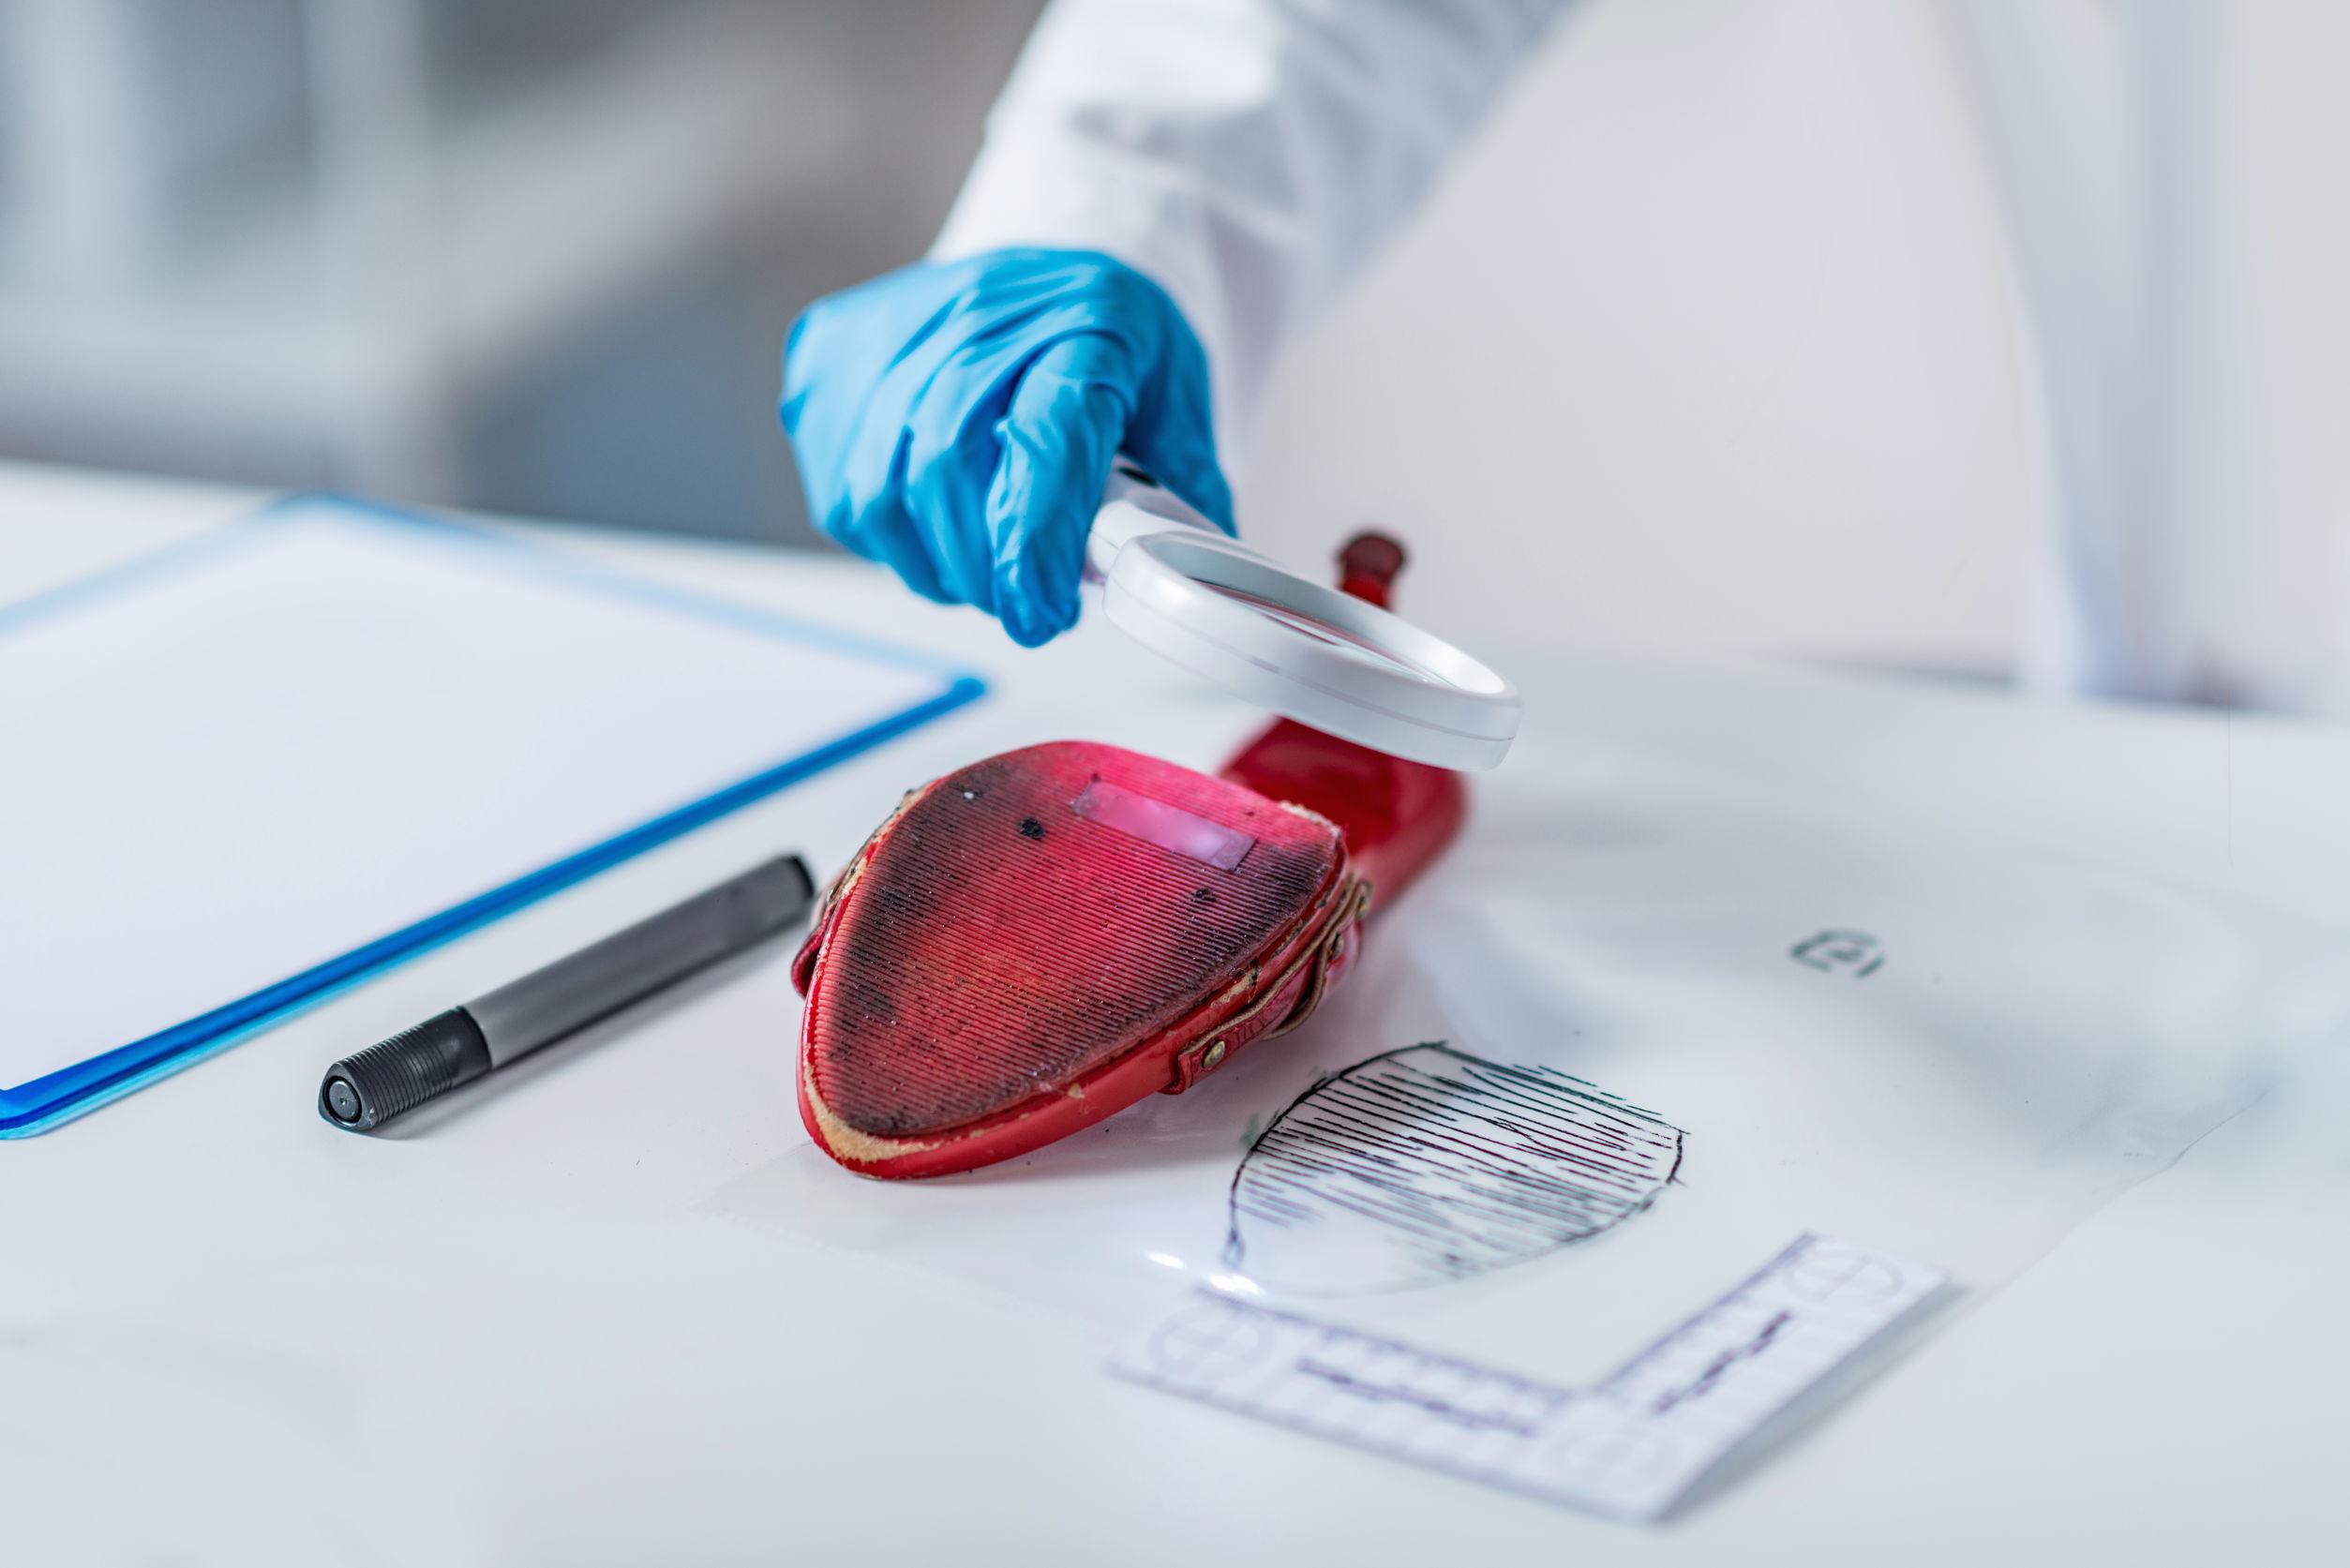 analisi forense impronte - investigazioni penali